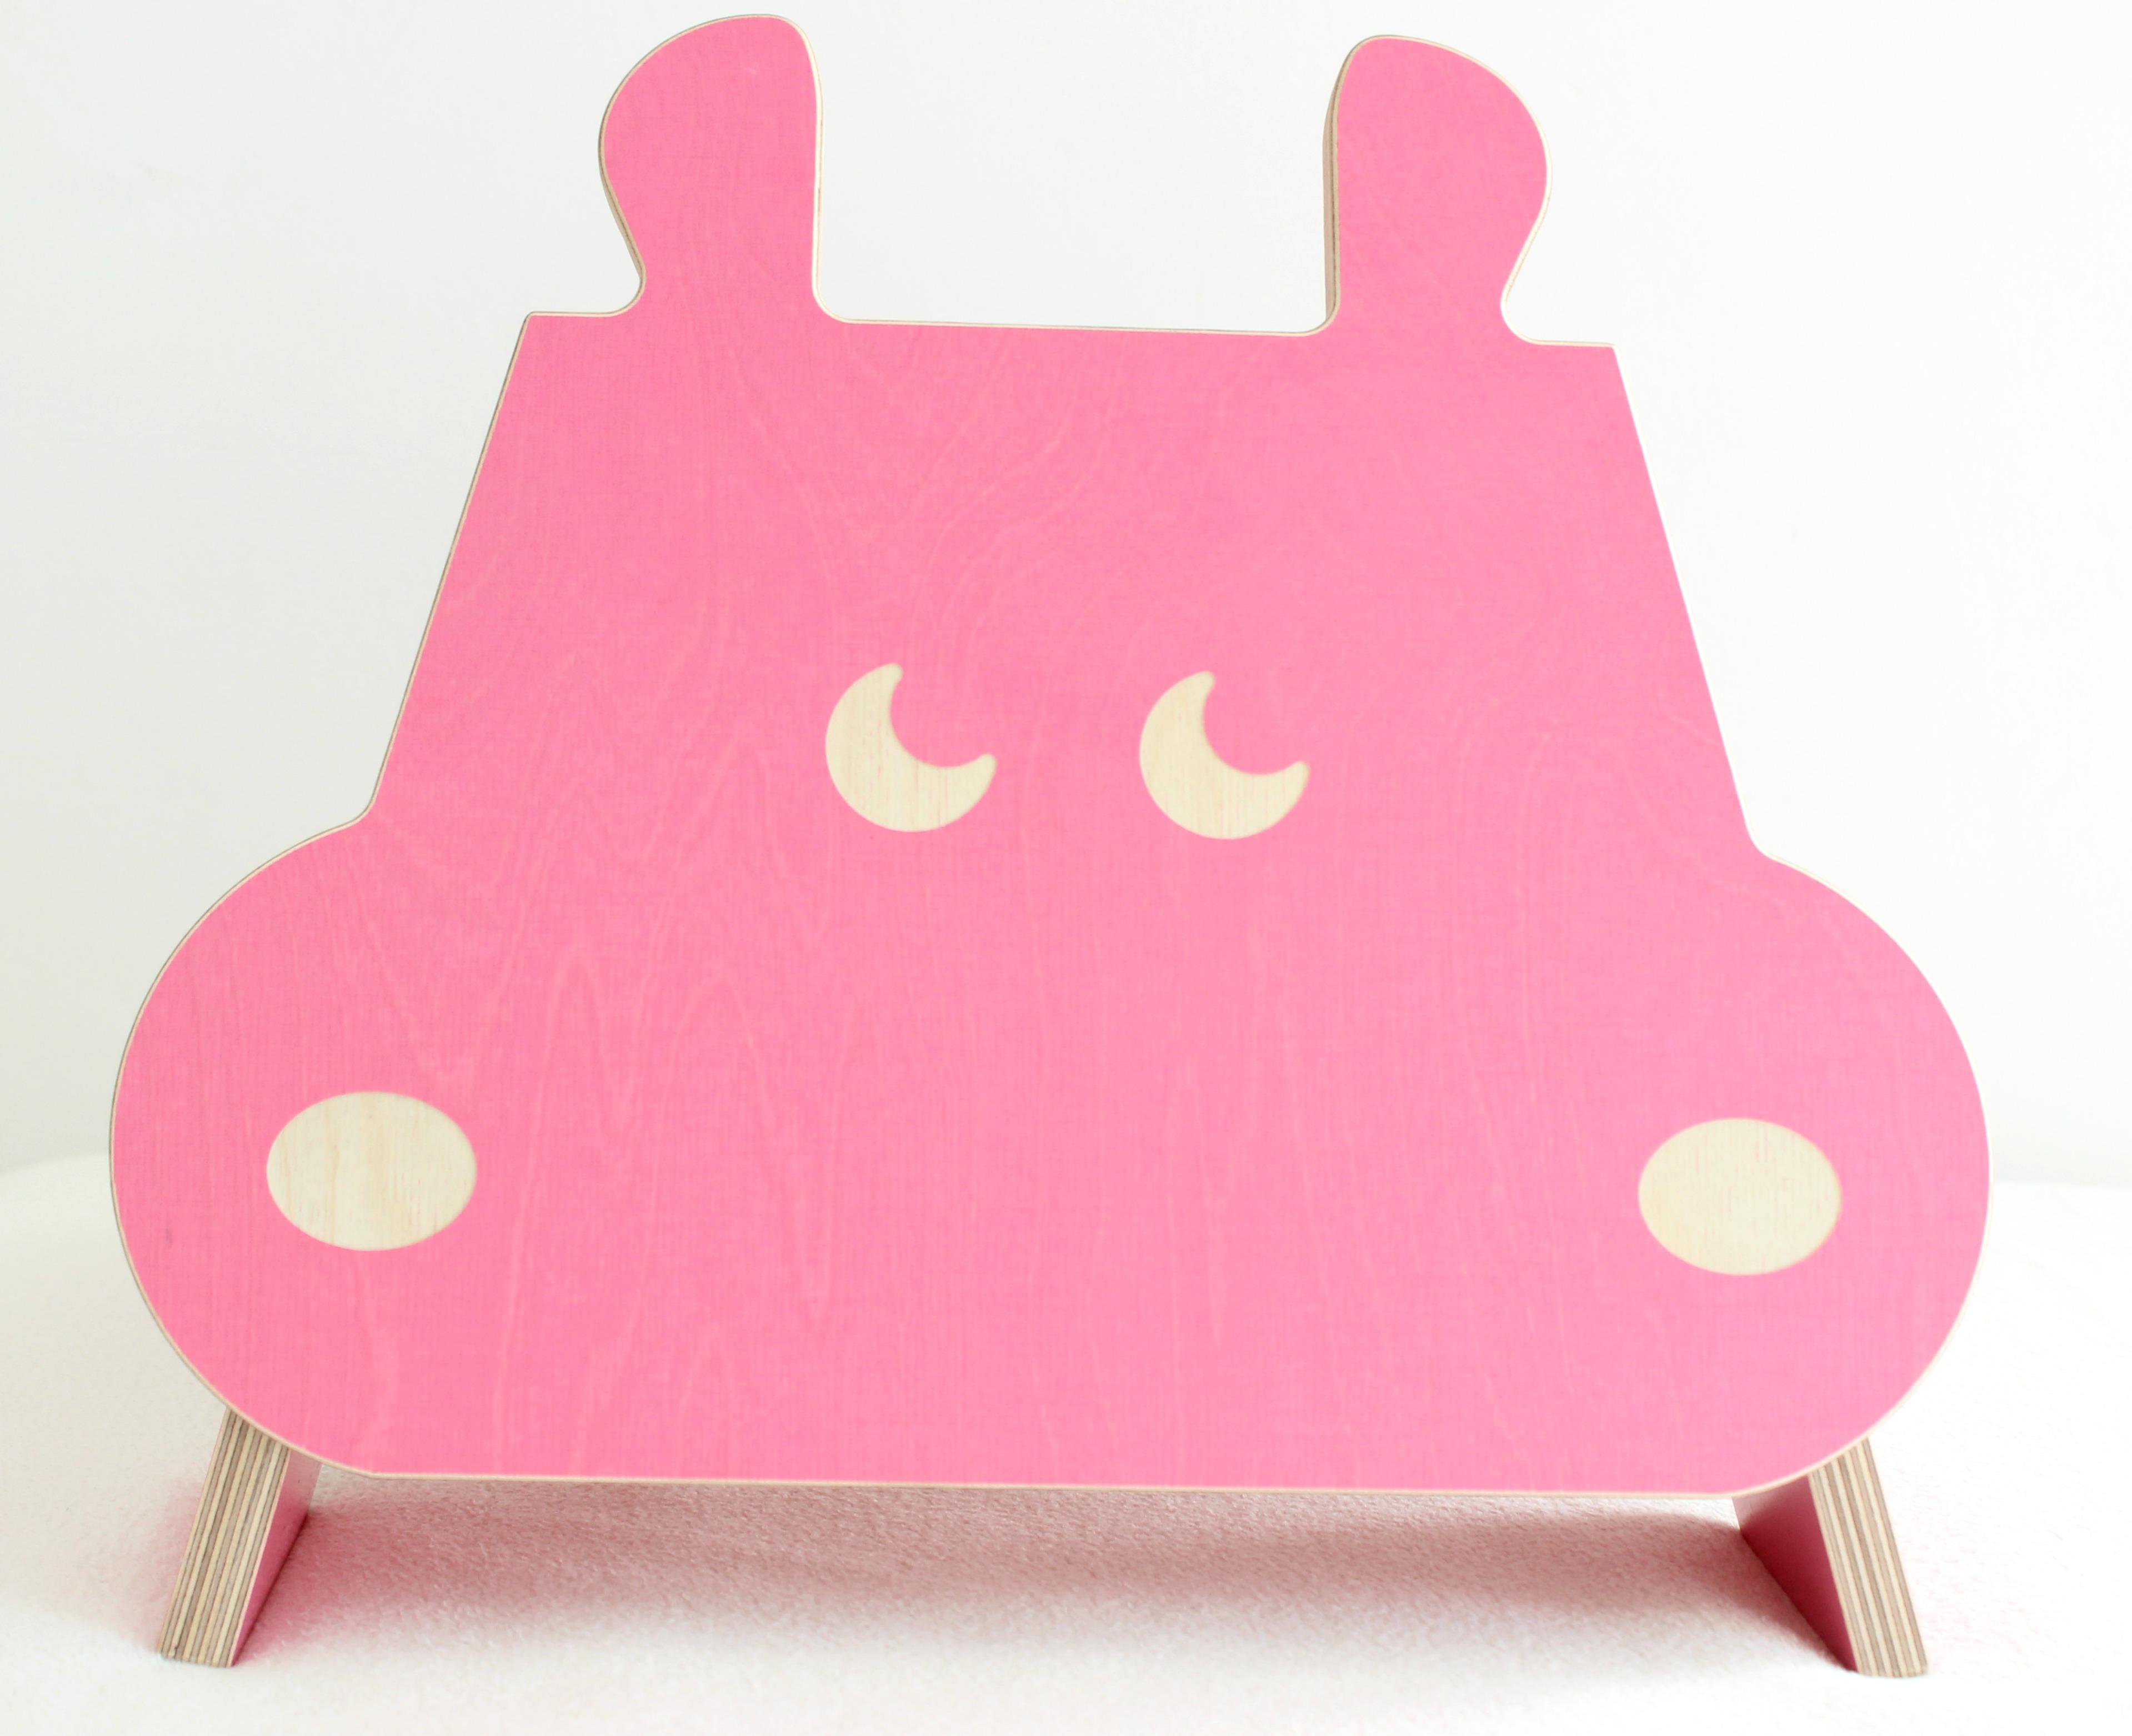 julica design sch nes und n tzliches f r kinder shopvorstellung. Black Bedroom Furniture Sets. Home Design Ideas